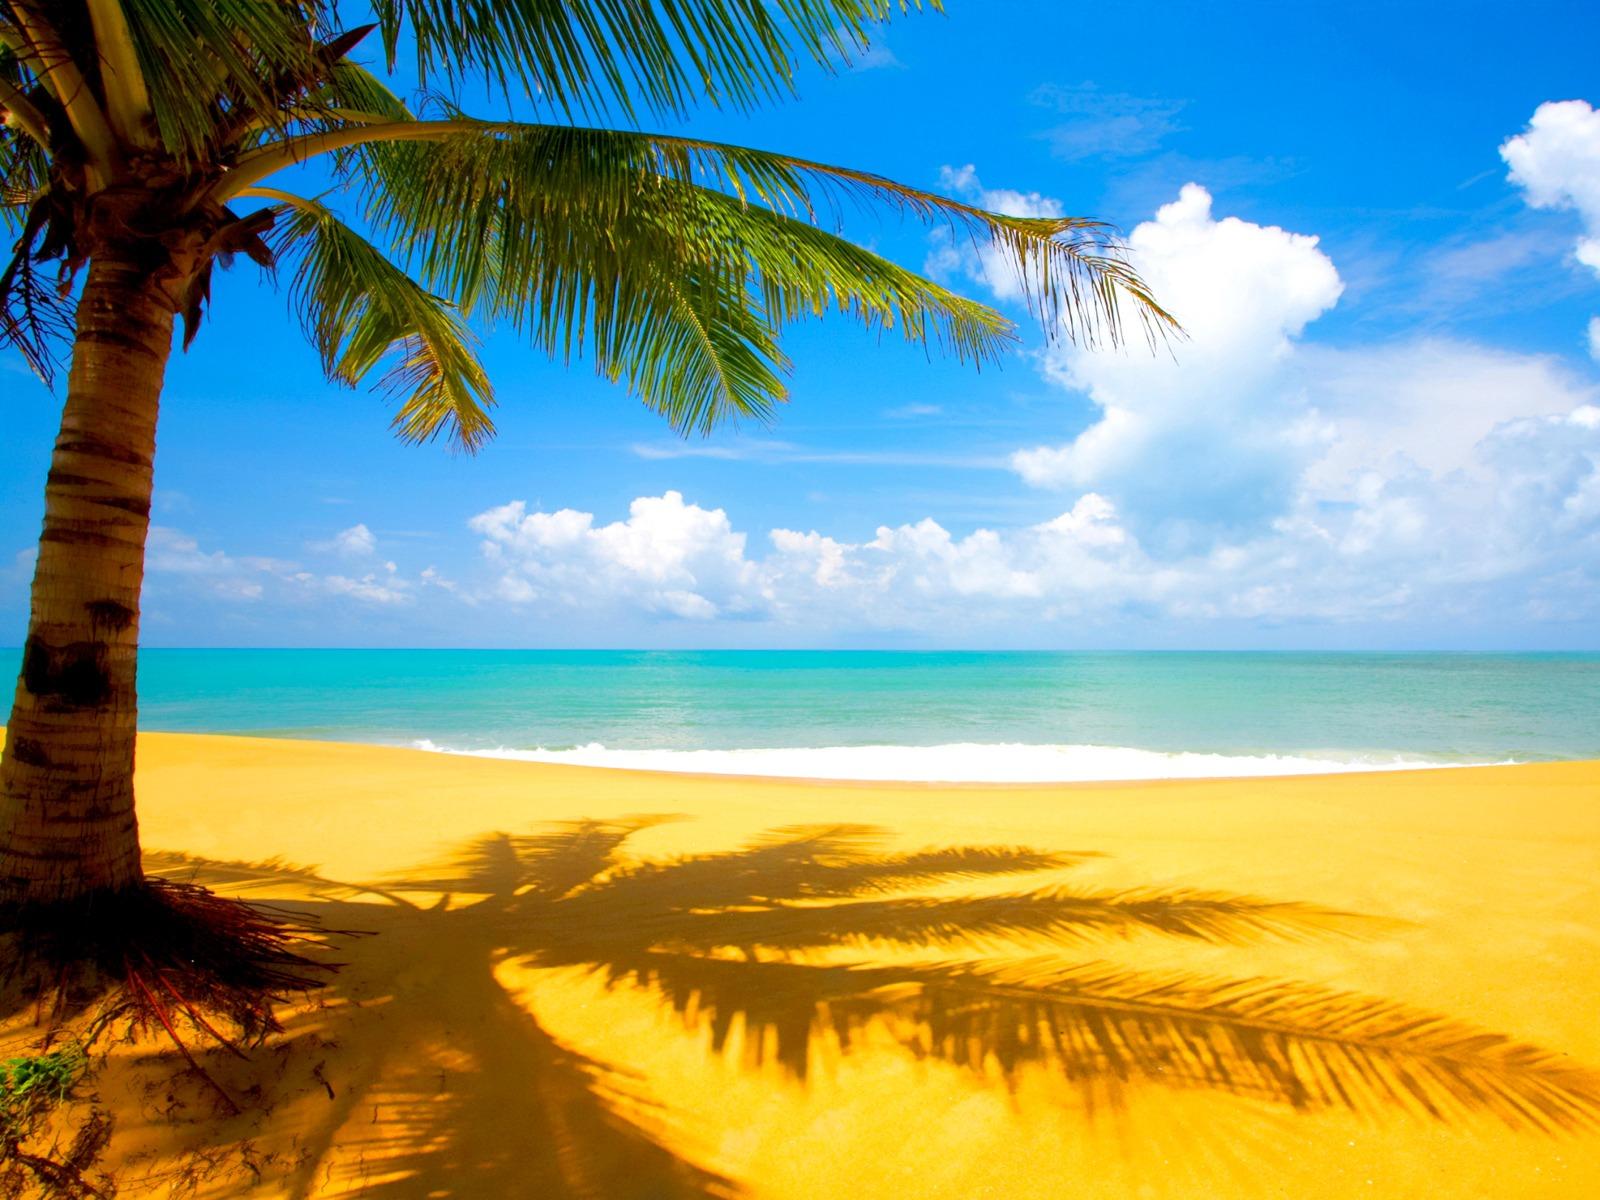 море, пляж, пальмы, берег морской, beach wallpaper